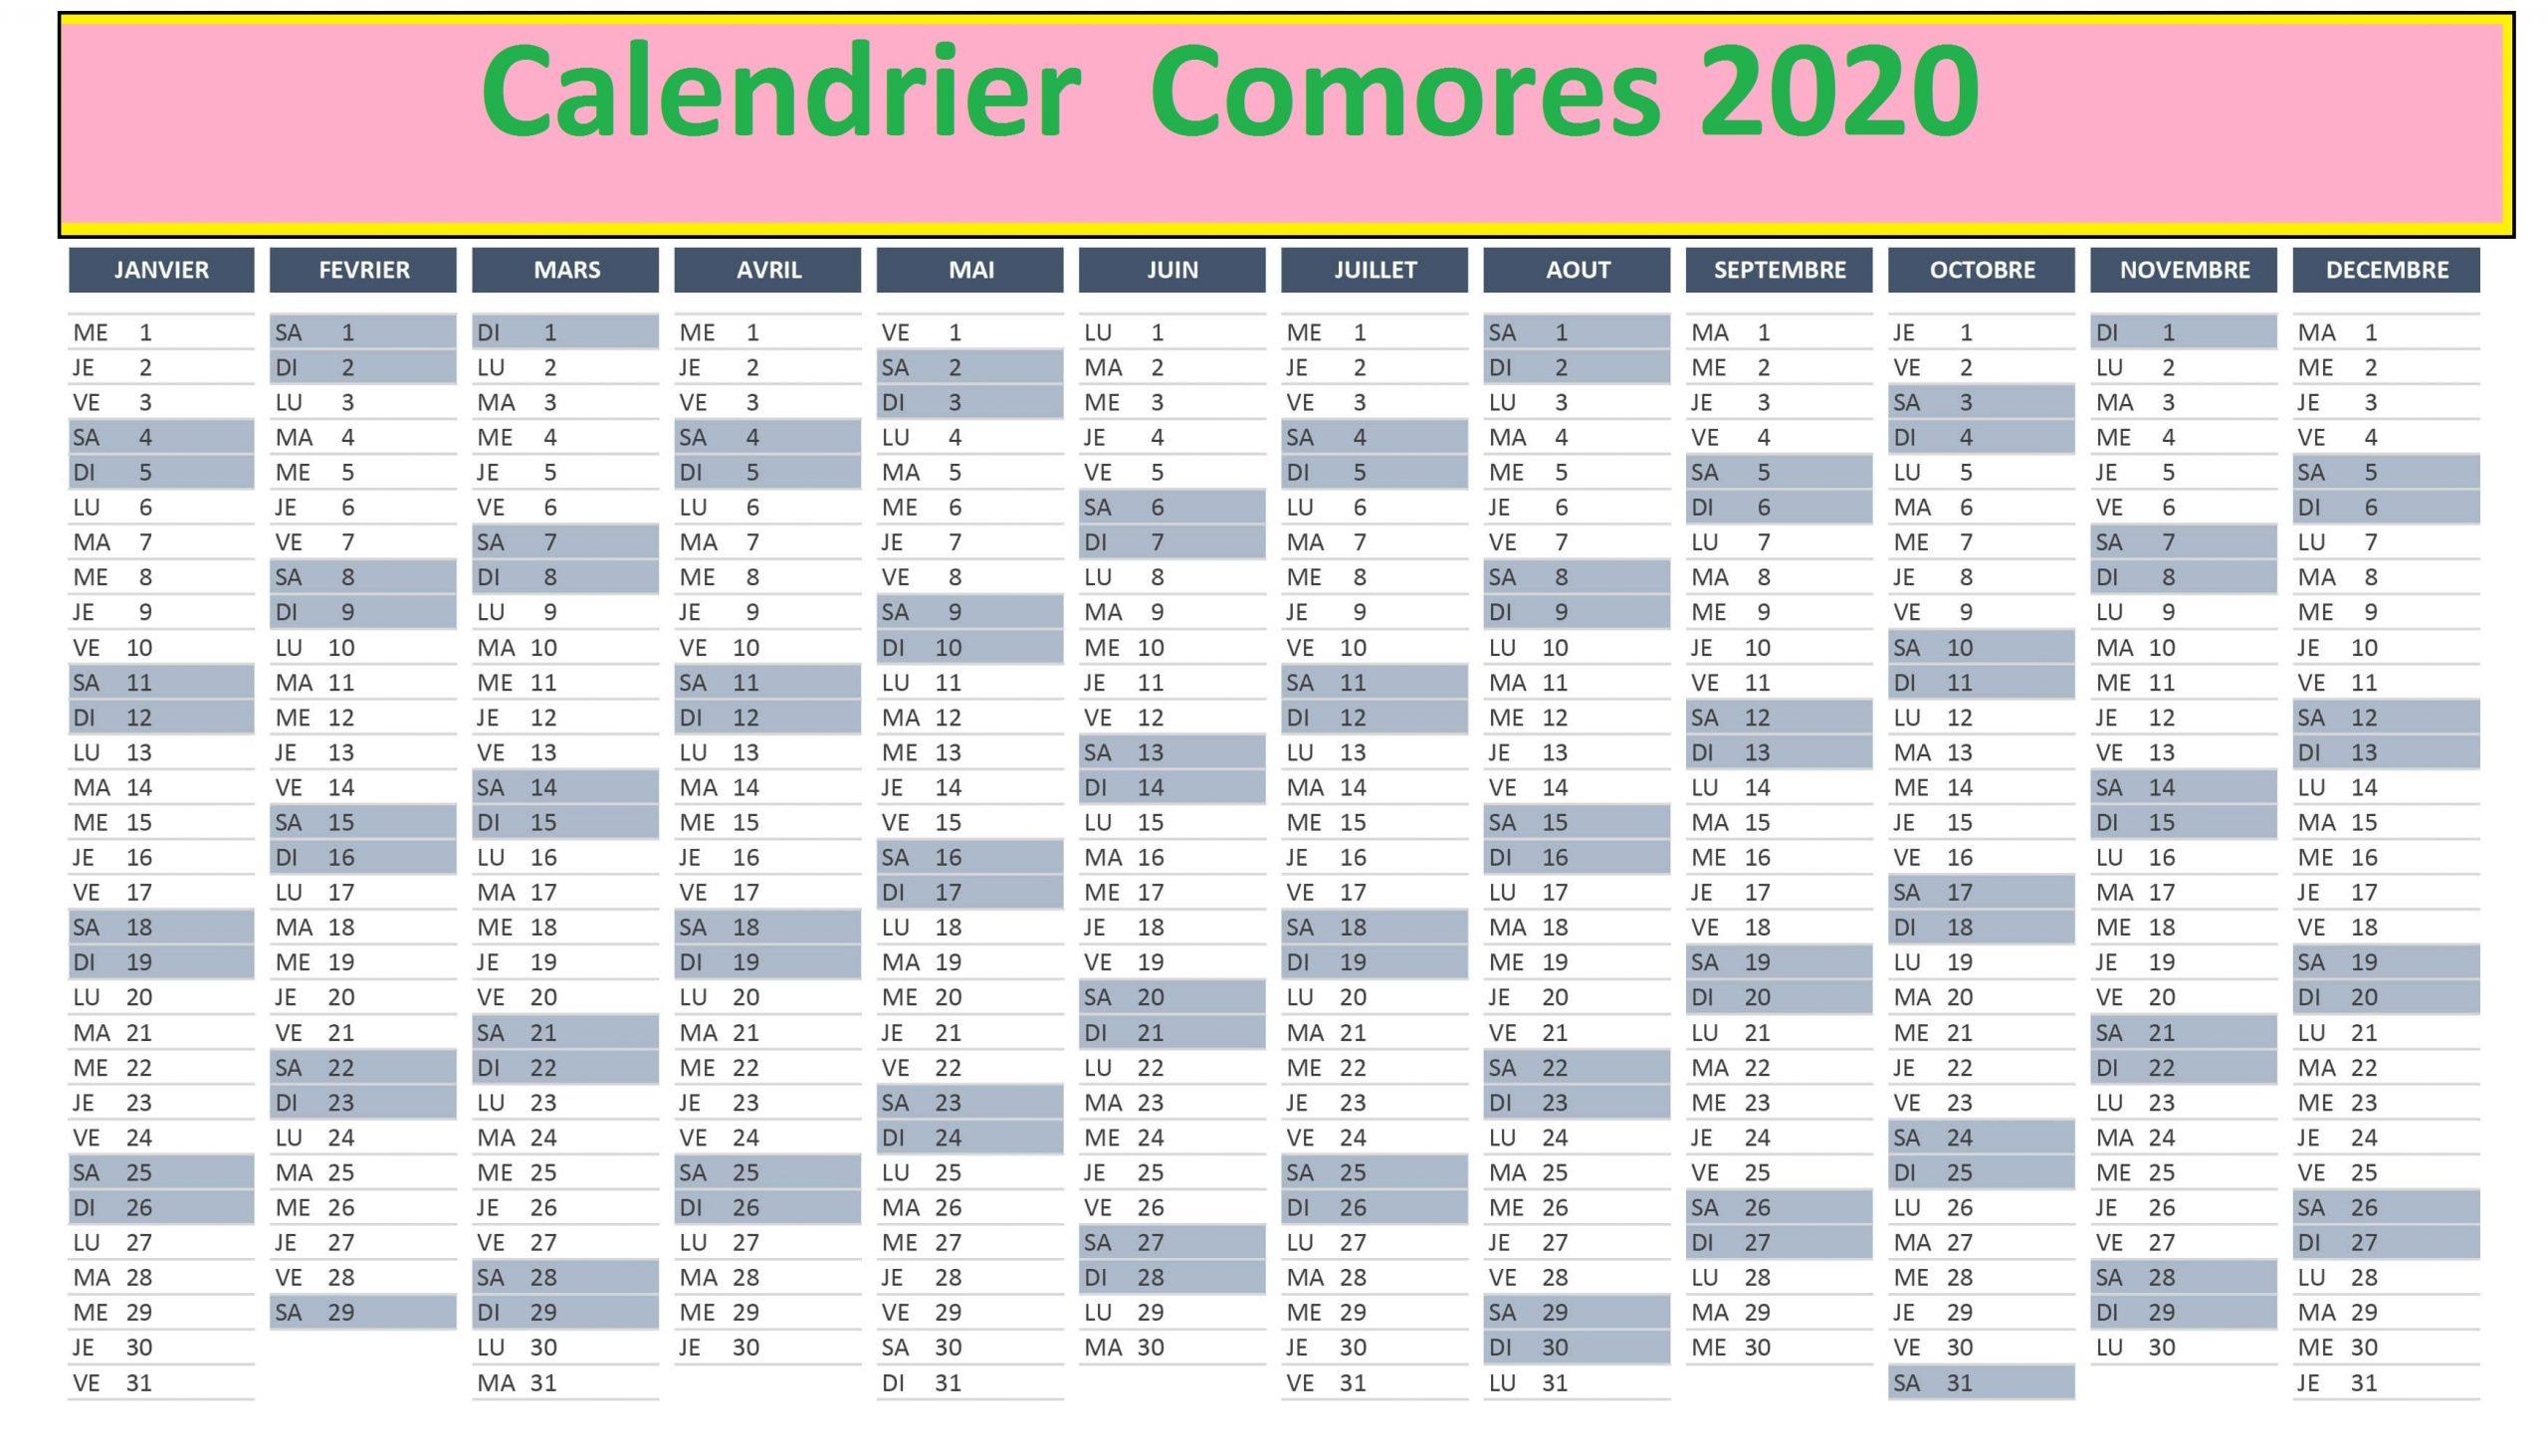 Calendrier Comores 2020